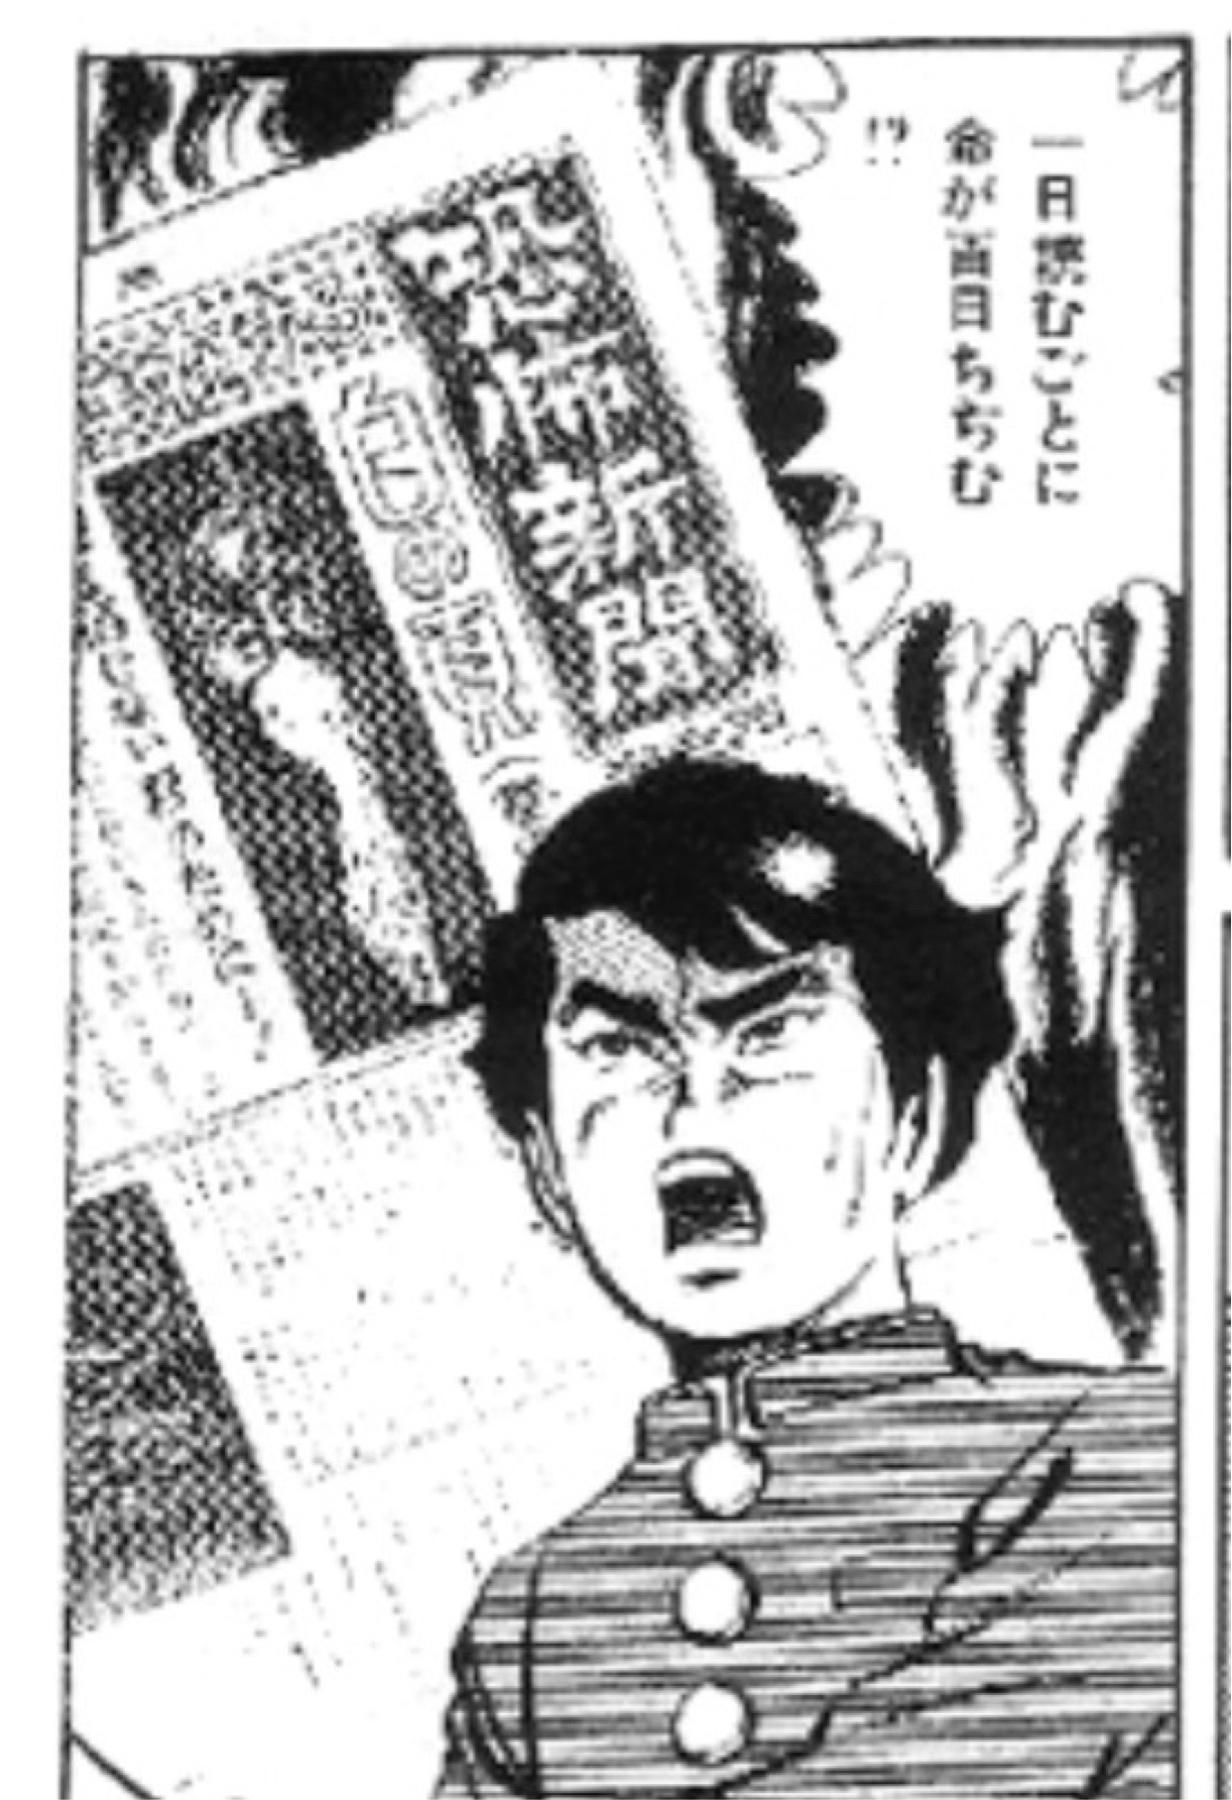 6628 - オンキヨーホームエンターテイメント(株) 🗞